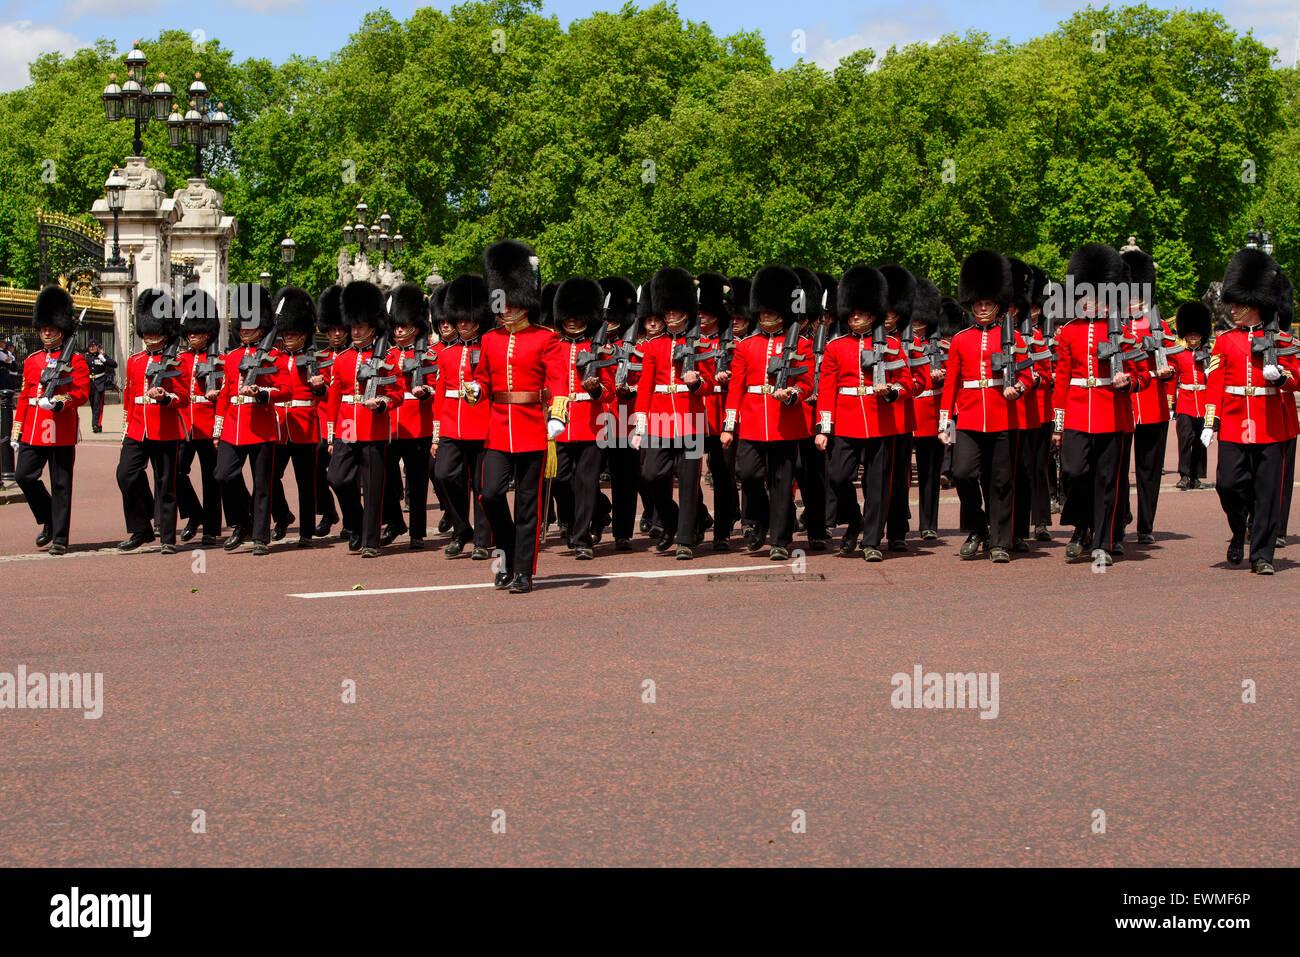 Changing of the Guard, Buckingham Palace, London, England, United Kingdom - Stock Image